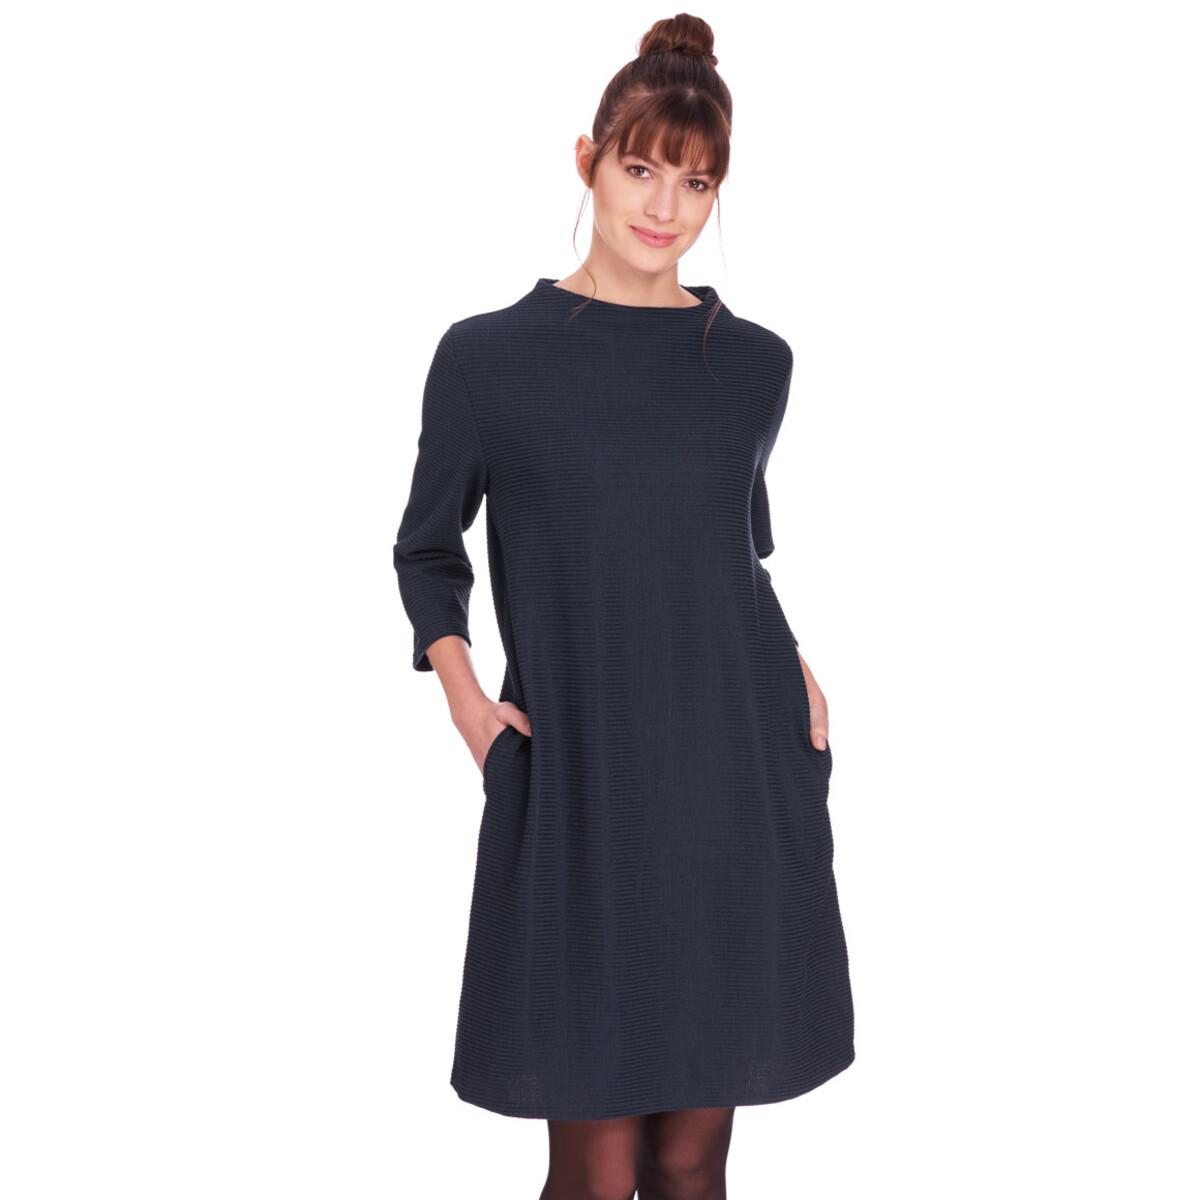 Bild 2 von Damen Kleid mit Querrippen